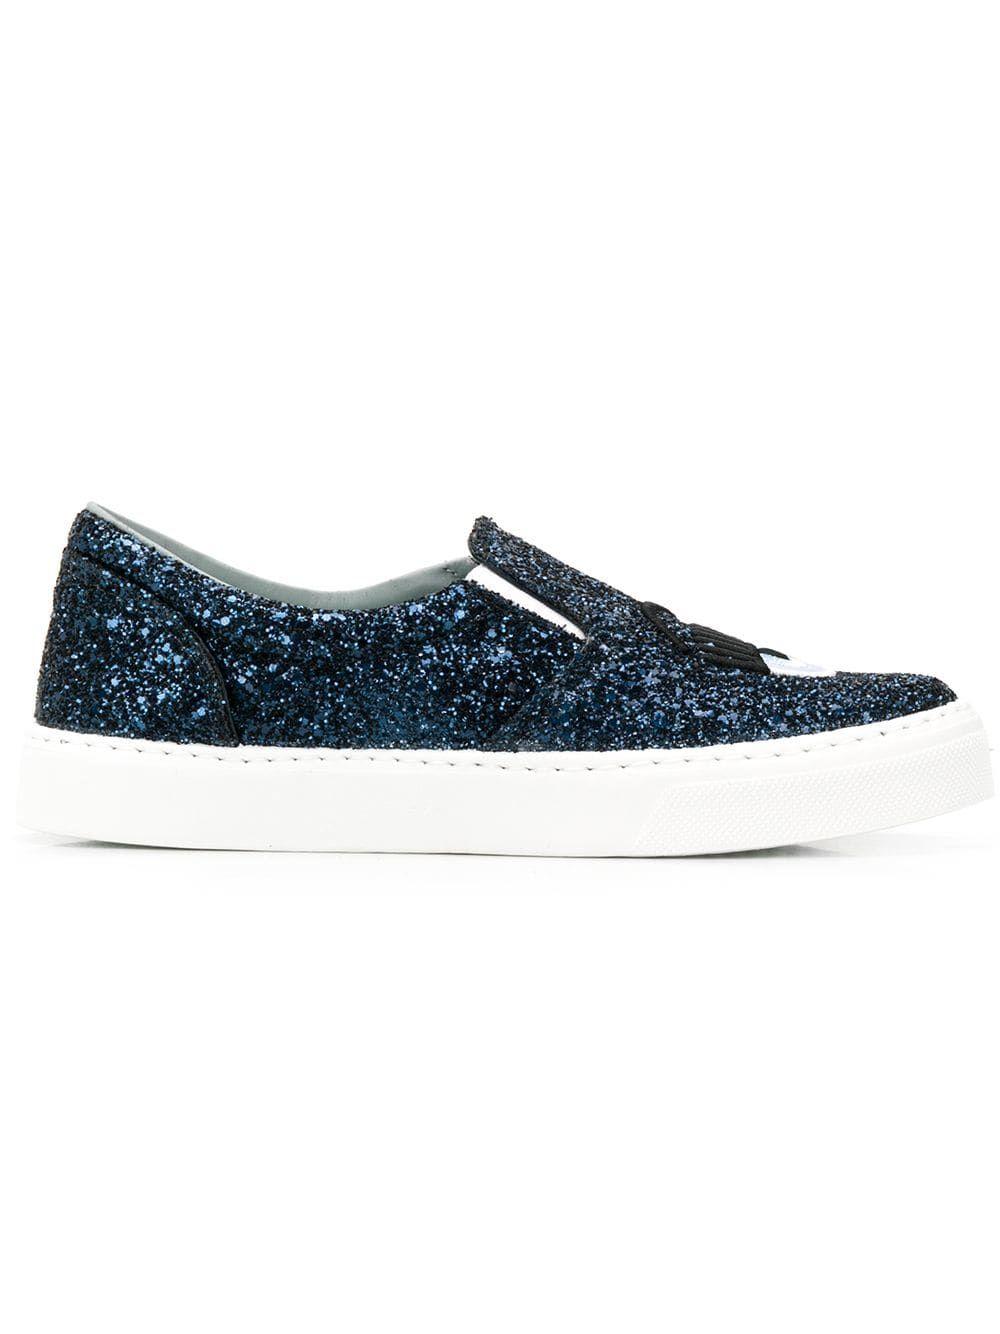 Chiara Ferragni Blue Slip On Sneakers